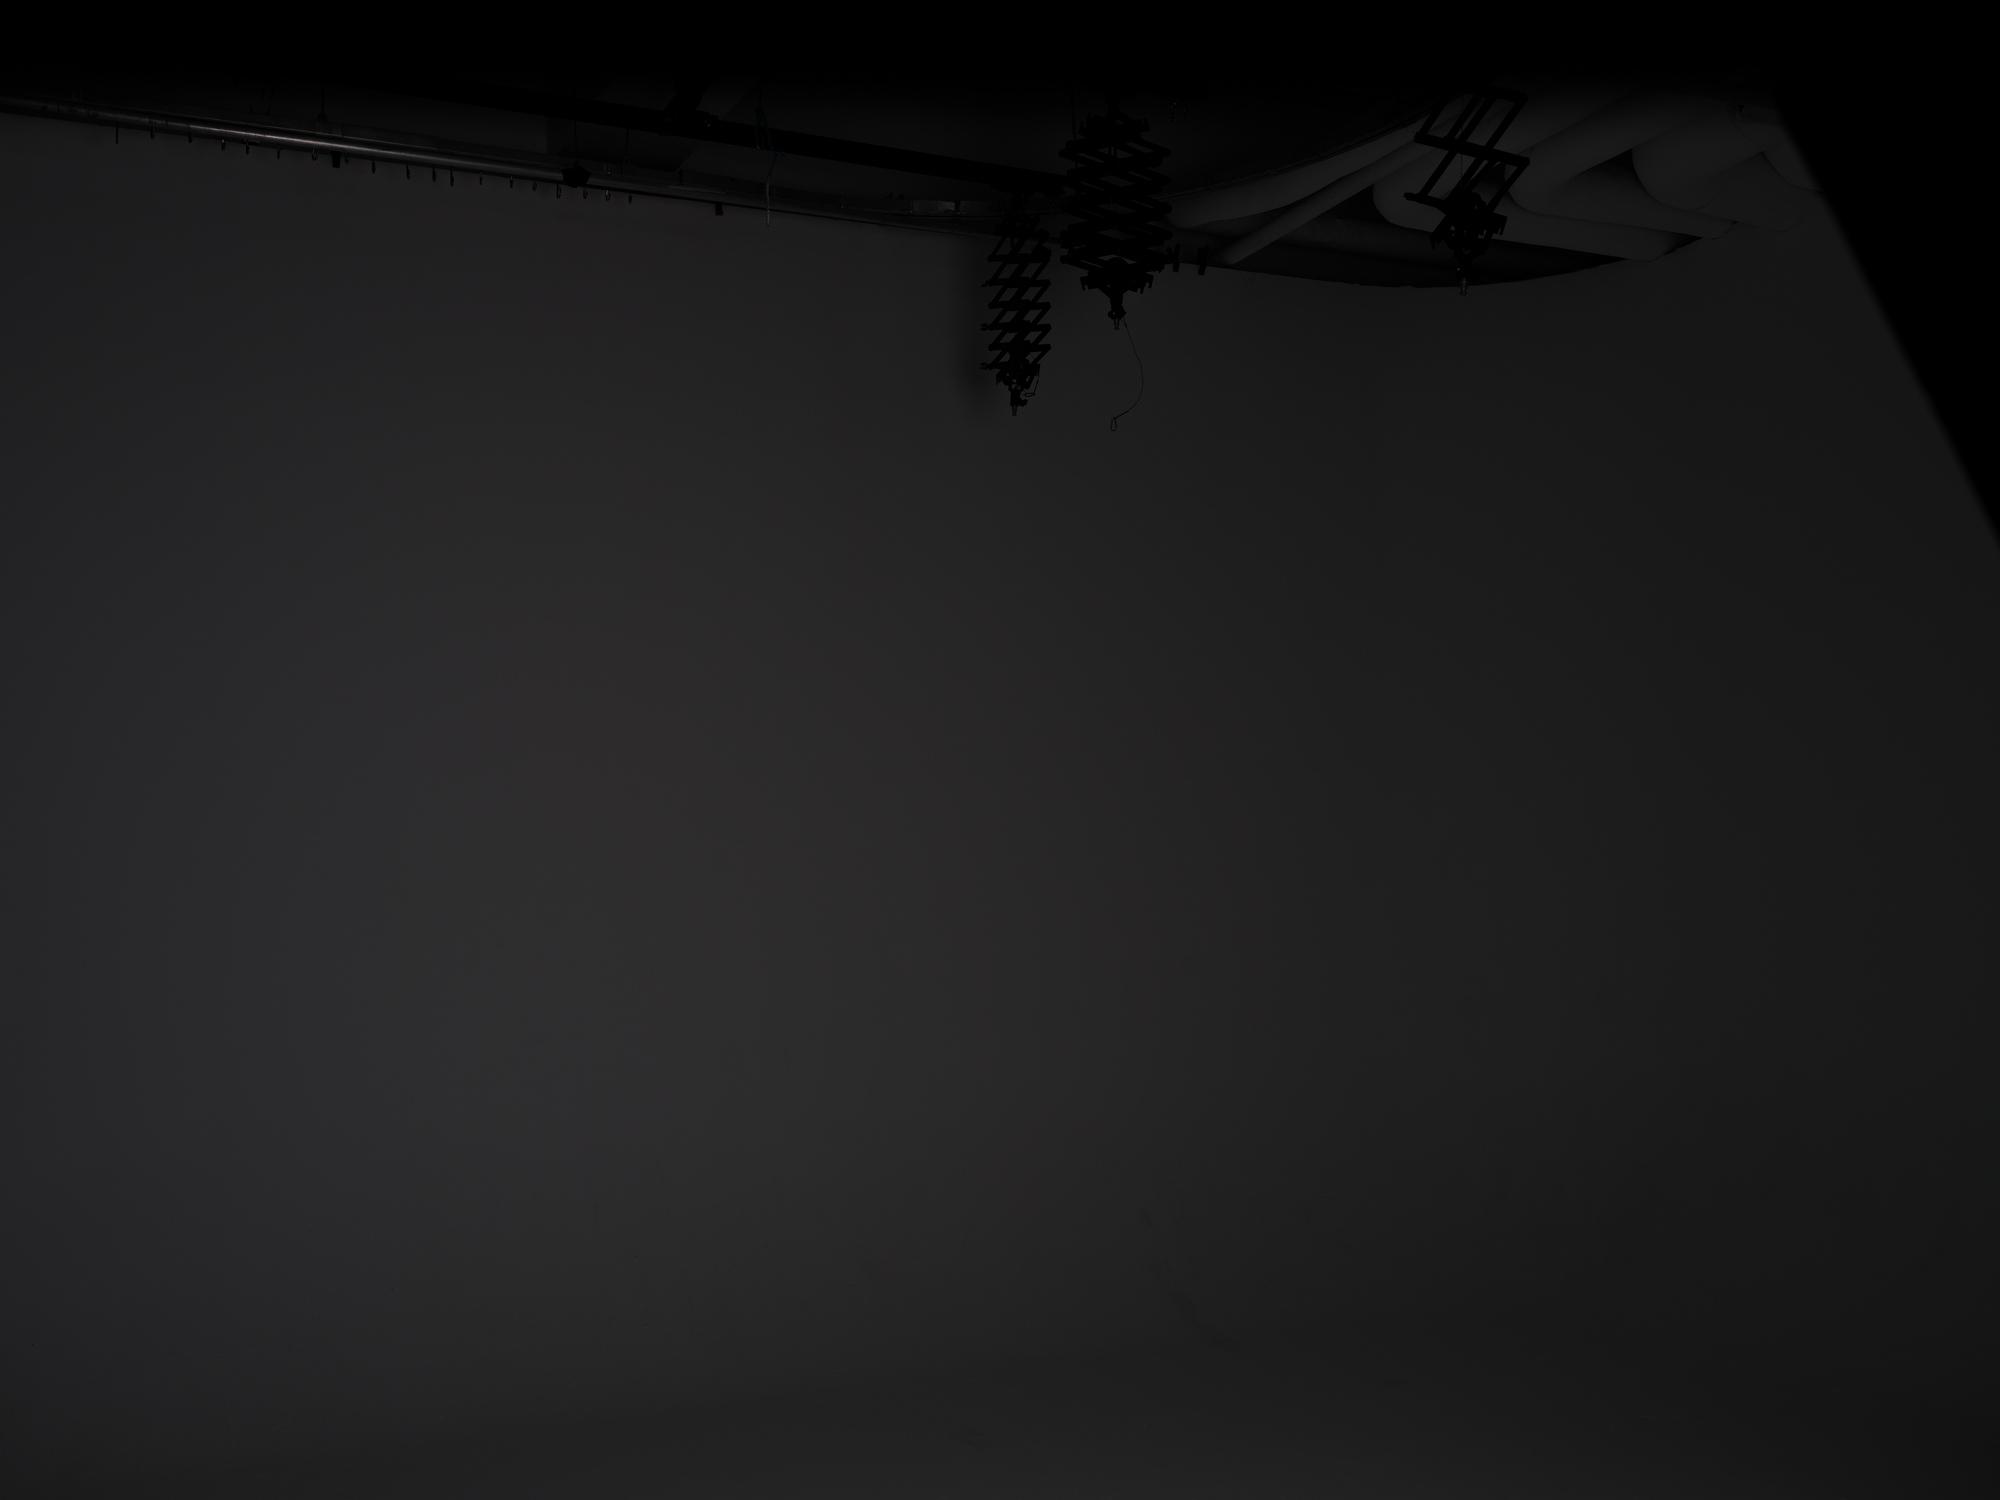 Oryginalny, niedoświetlony JPG z GFX 100S fot. Jarosław Respondek